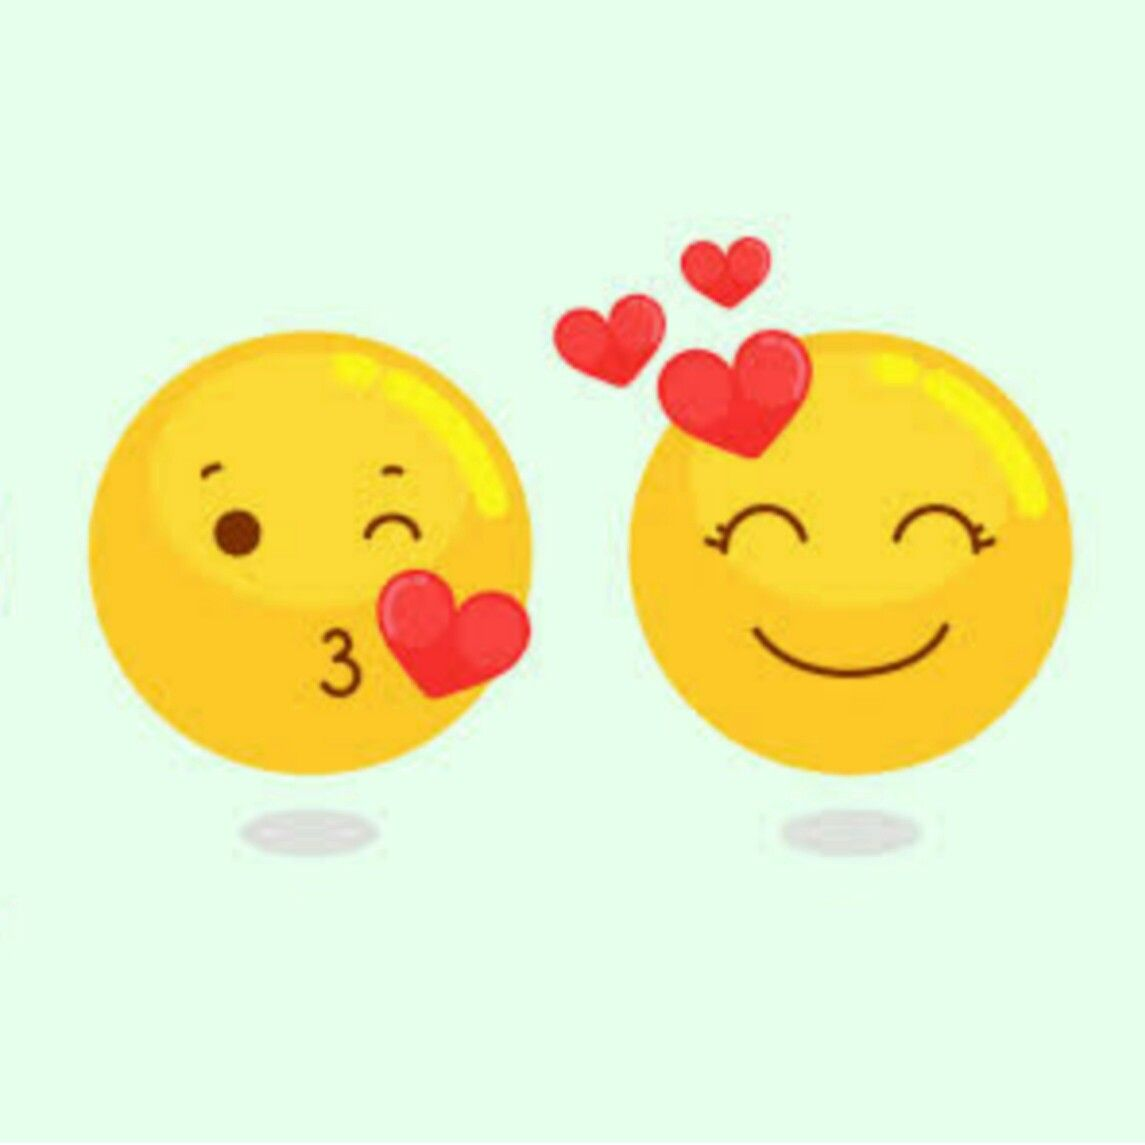 Schöne Emojis